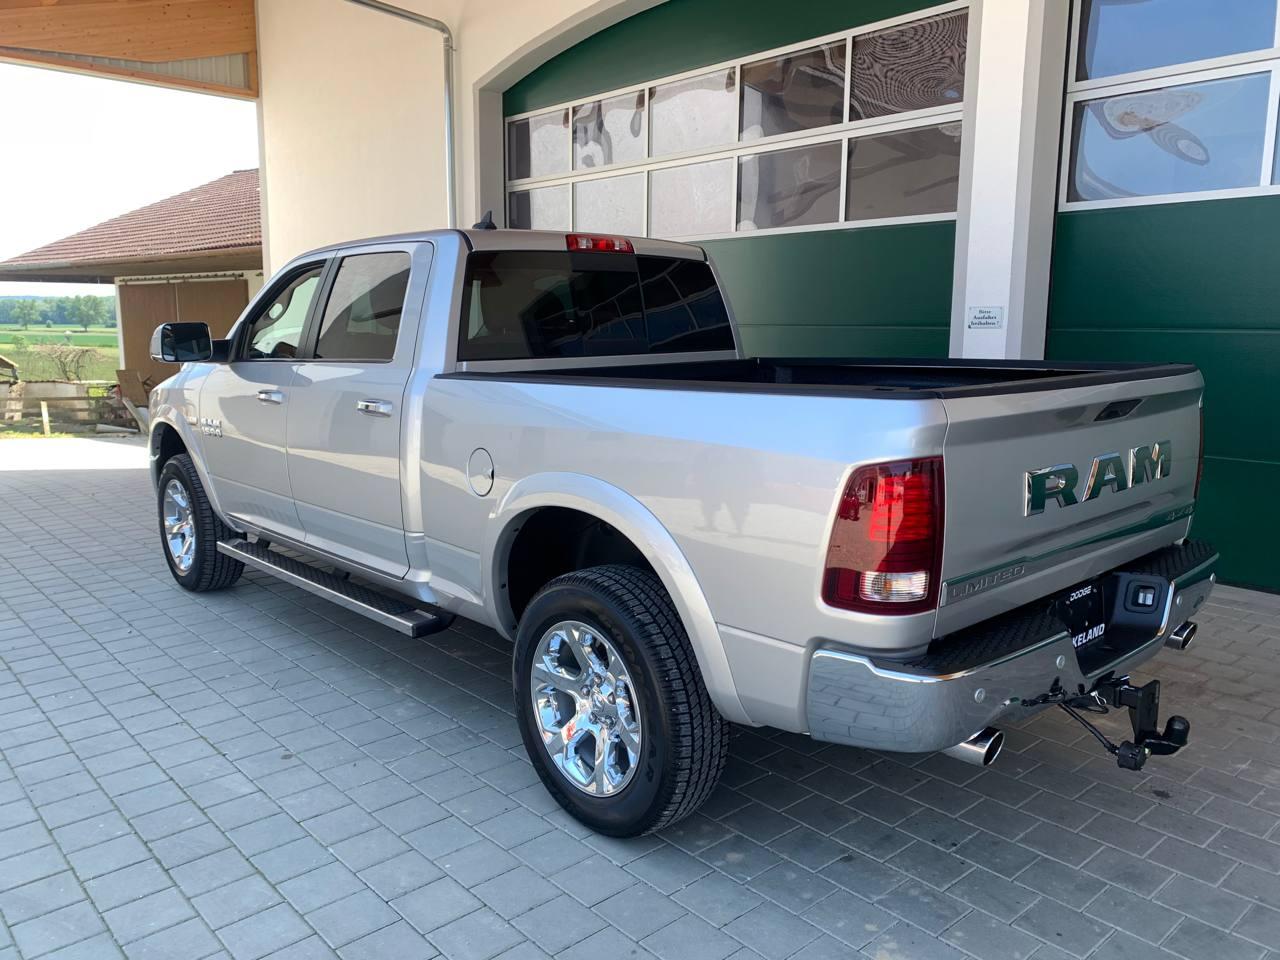 2017 Dodge Ram 1500 Laramie gebrauchtwagen kaufen